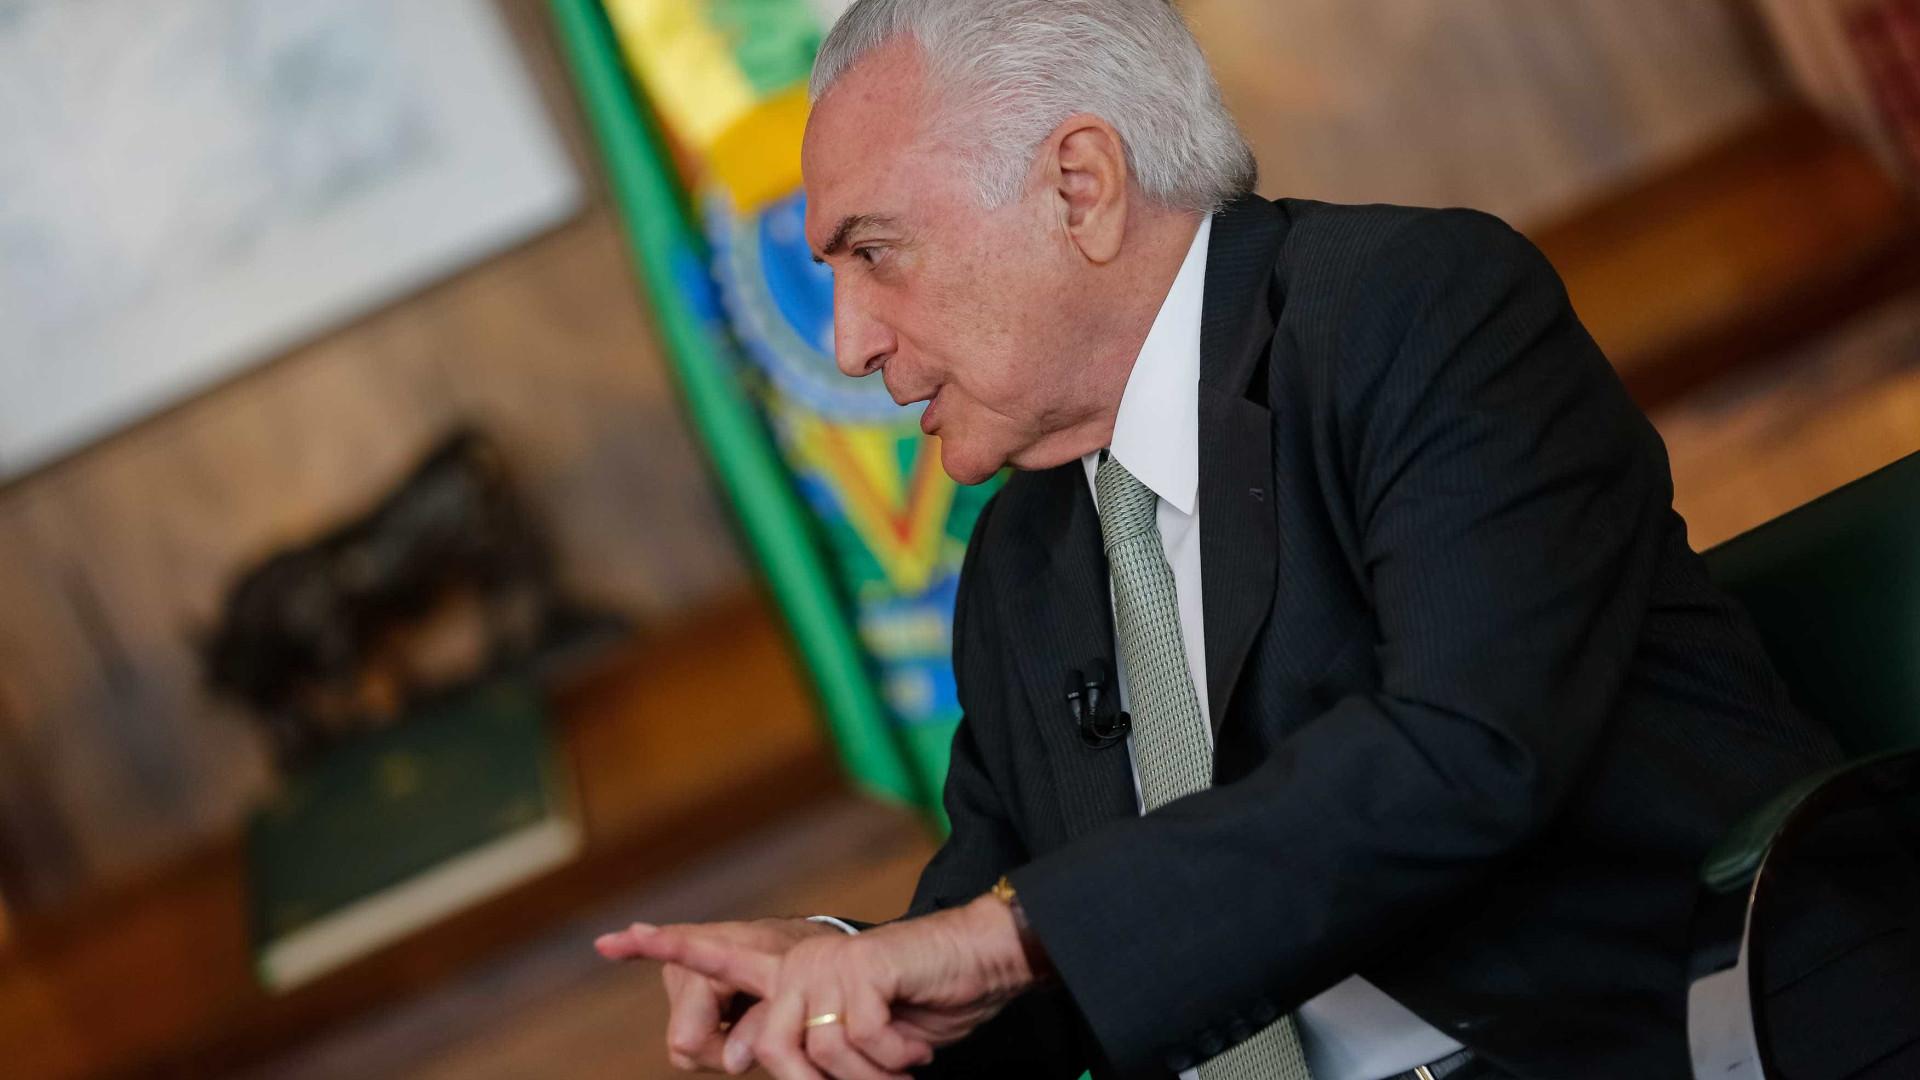 Lula reconheceu que fui vítima de uma tentativa de golpe, diz Temer